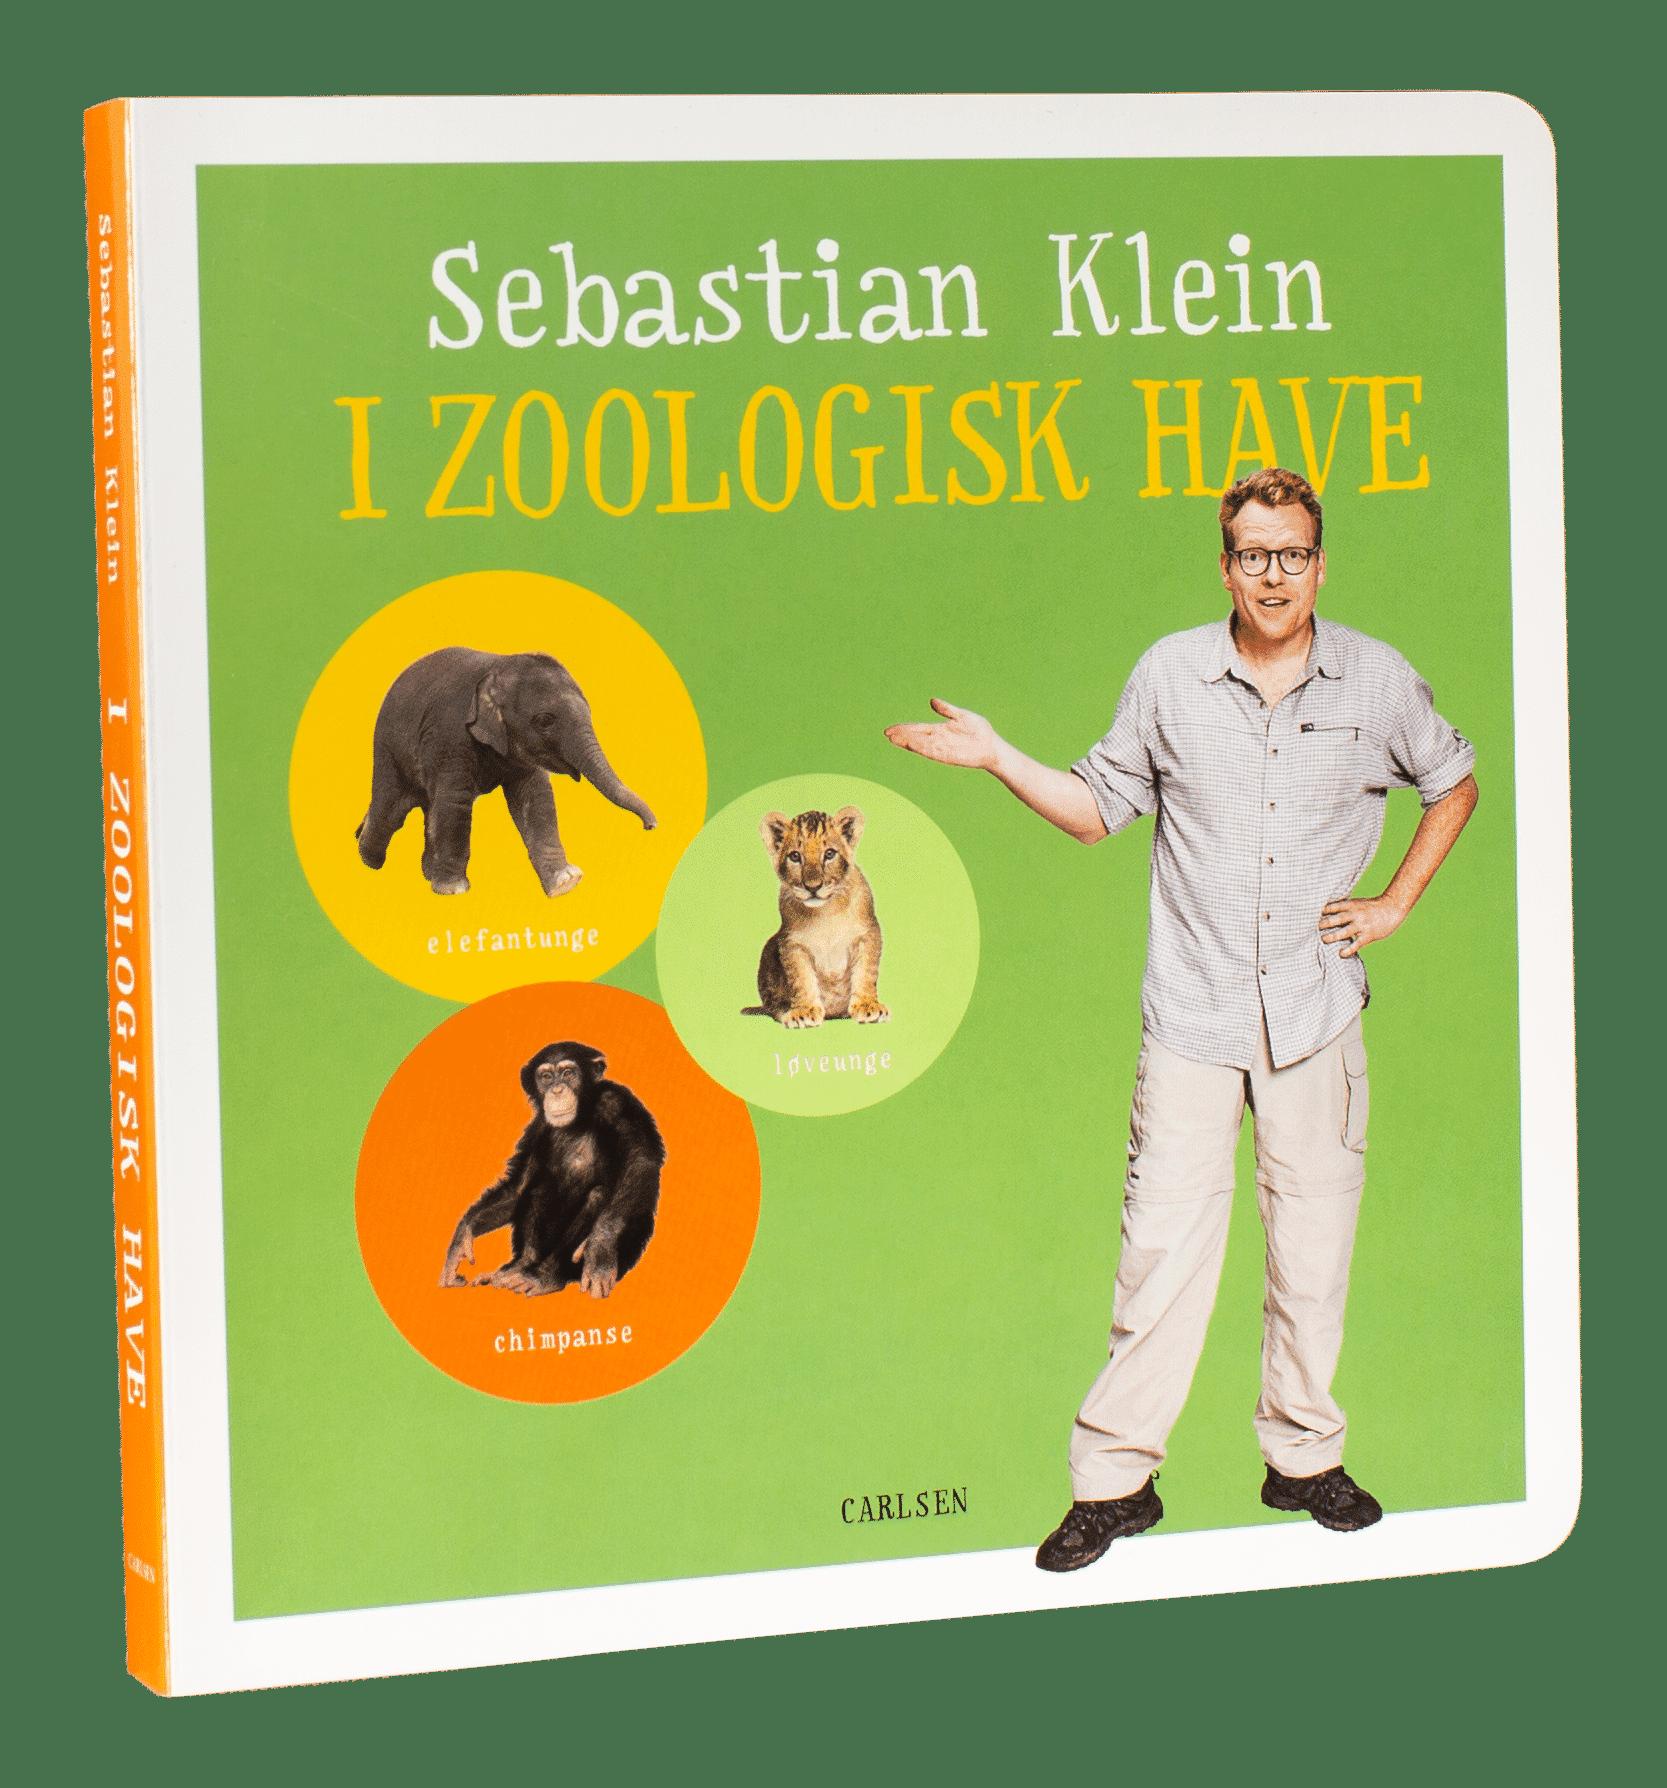 Sebastian Klein, Sebastian Klein I zoologisk have, børnebog, børnebøger, papbog, papbøger, bøger til de mindste, dyrebog, bog om dyr